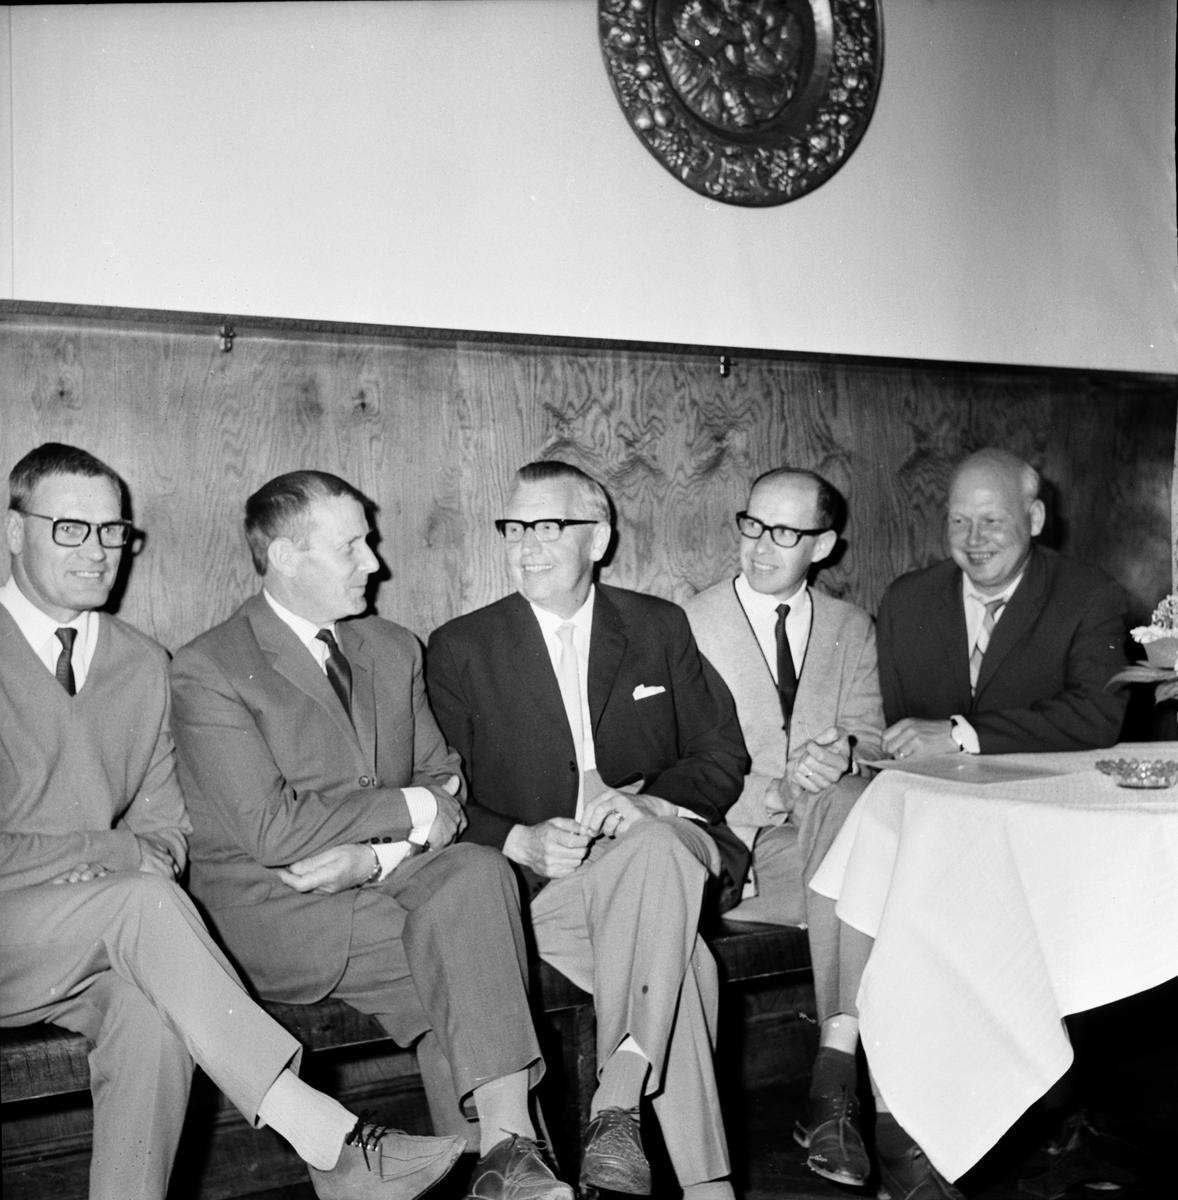 Sångartinget i Bollnäs, Kommitterade, 29 Juni 1966